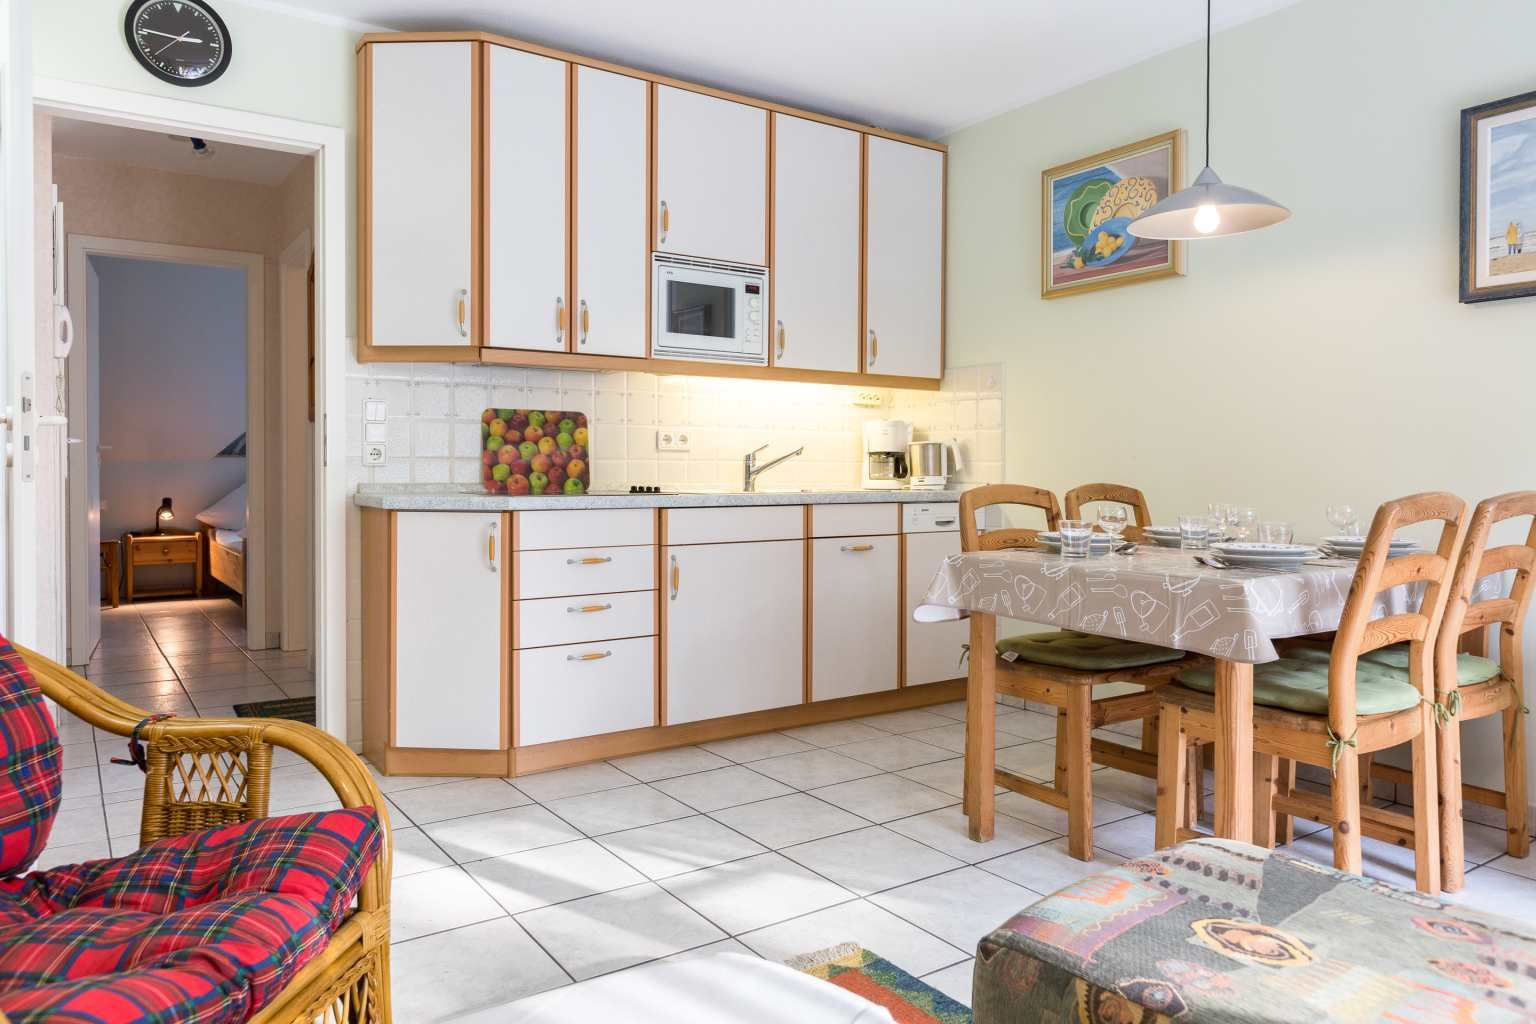 Küche - St Peter Ording Bad, Haus Am Kurwald II, Wohnung 7